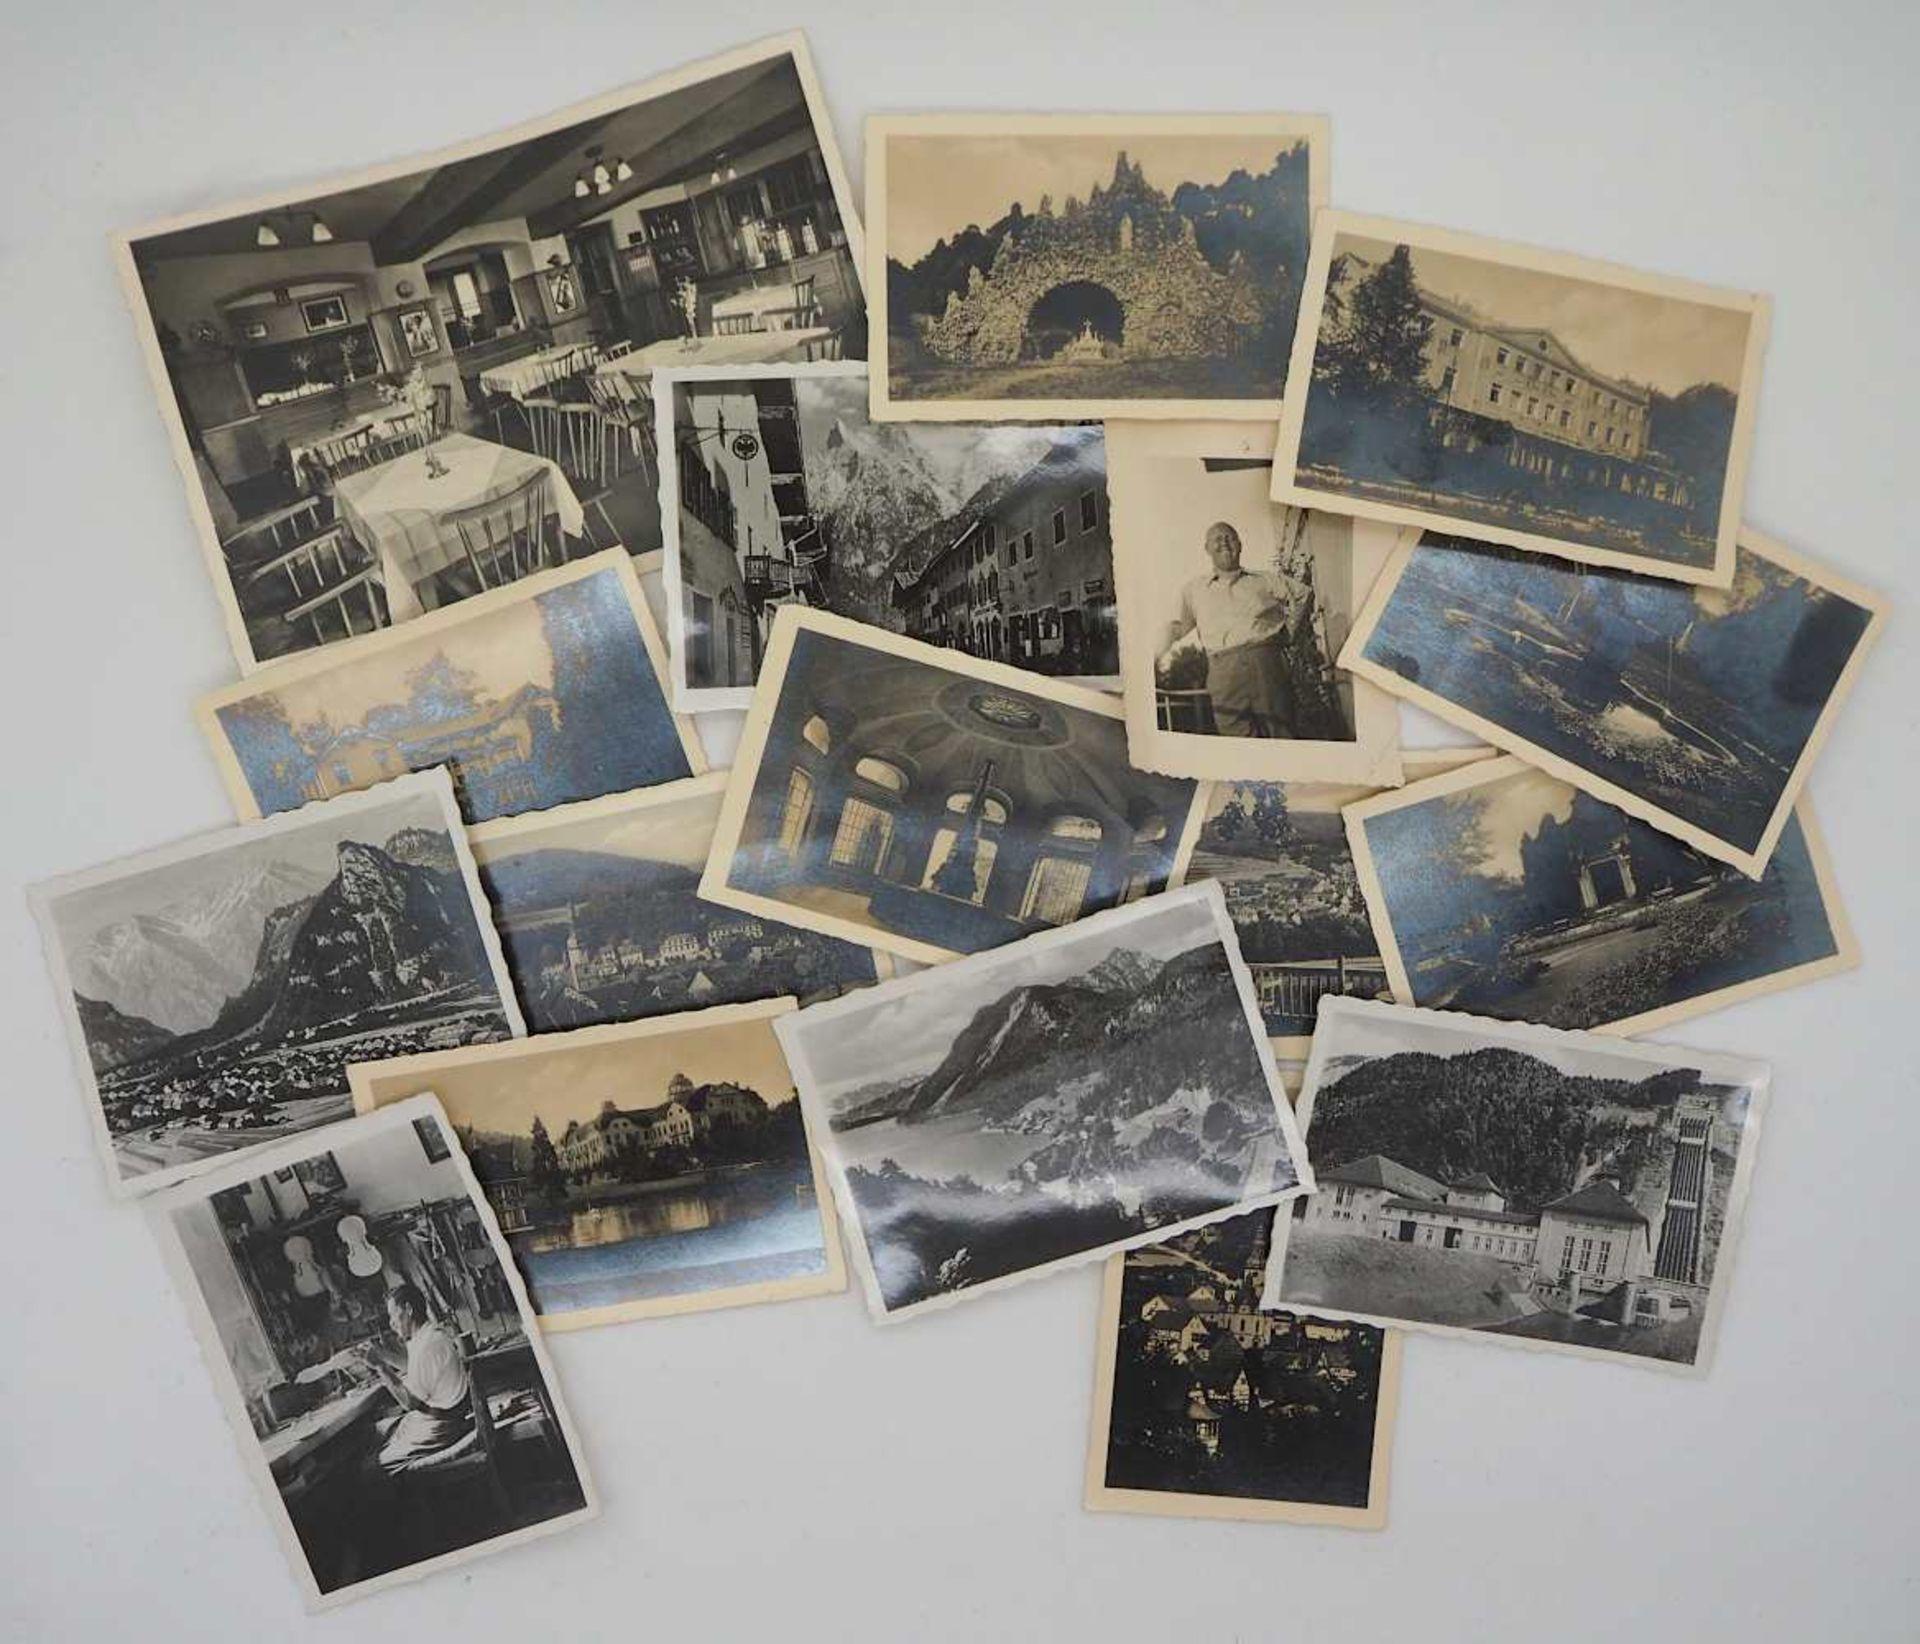 1 Konv. Militaria 3. Reich u.a., 1 Stahlhelm mit Lederinnenfutter, Wehrmacht, entnazifiziert - Bild 8 aus 8